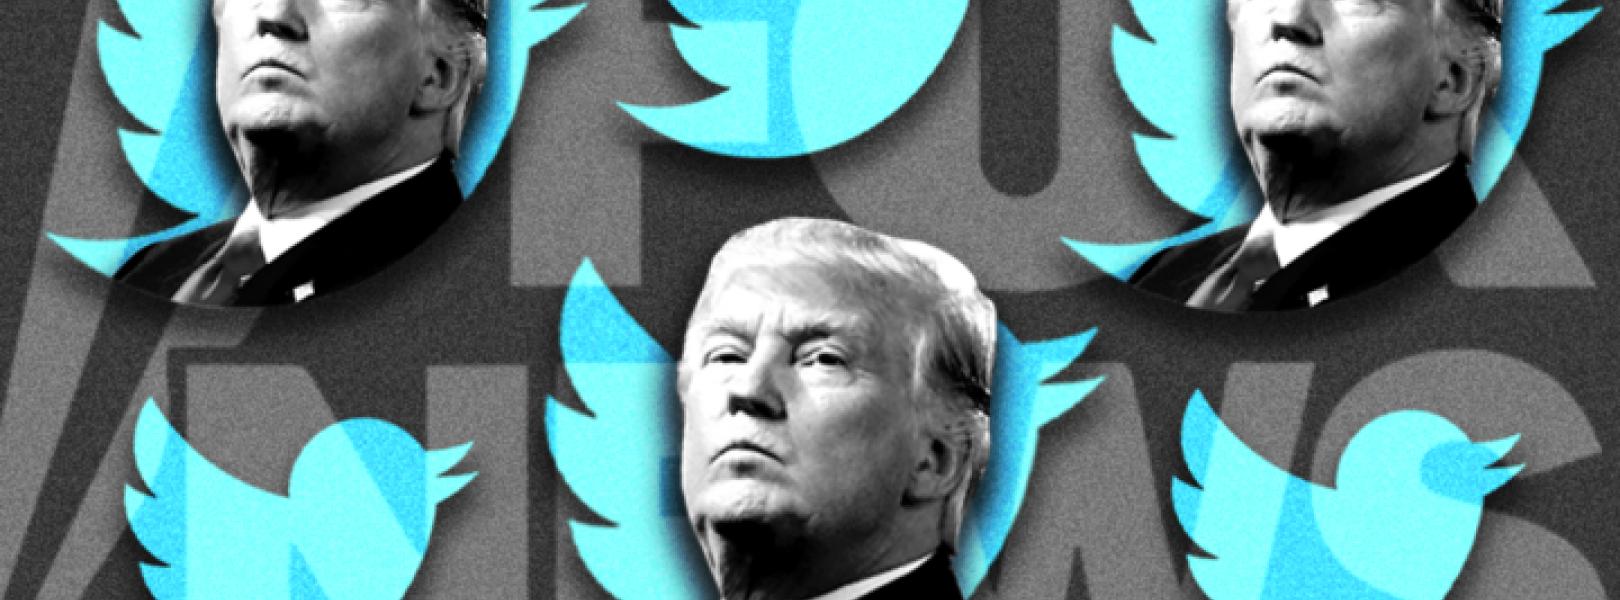 Trump tweets Fox